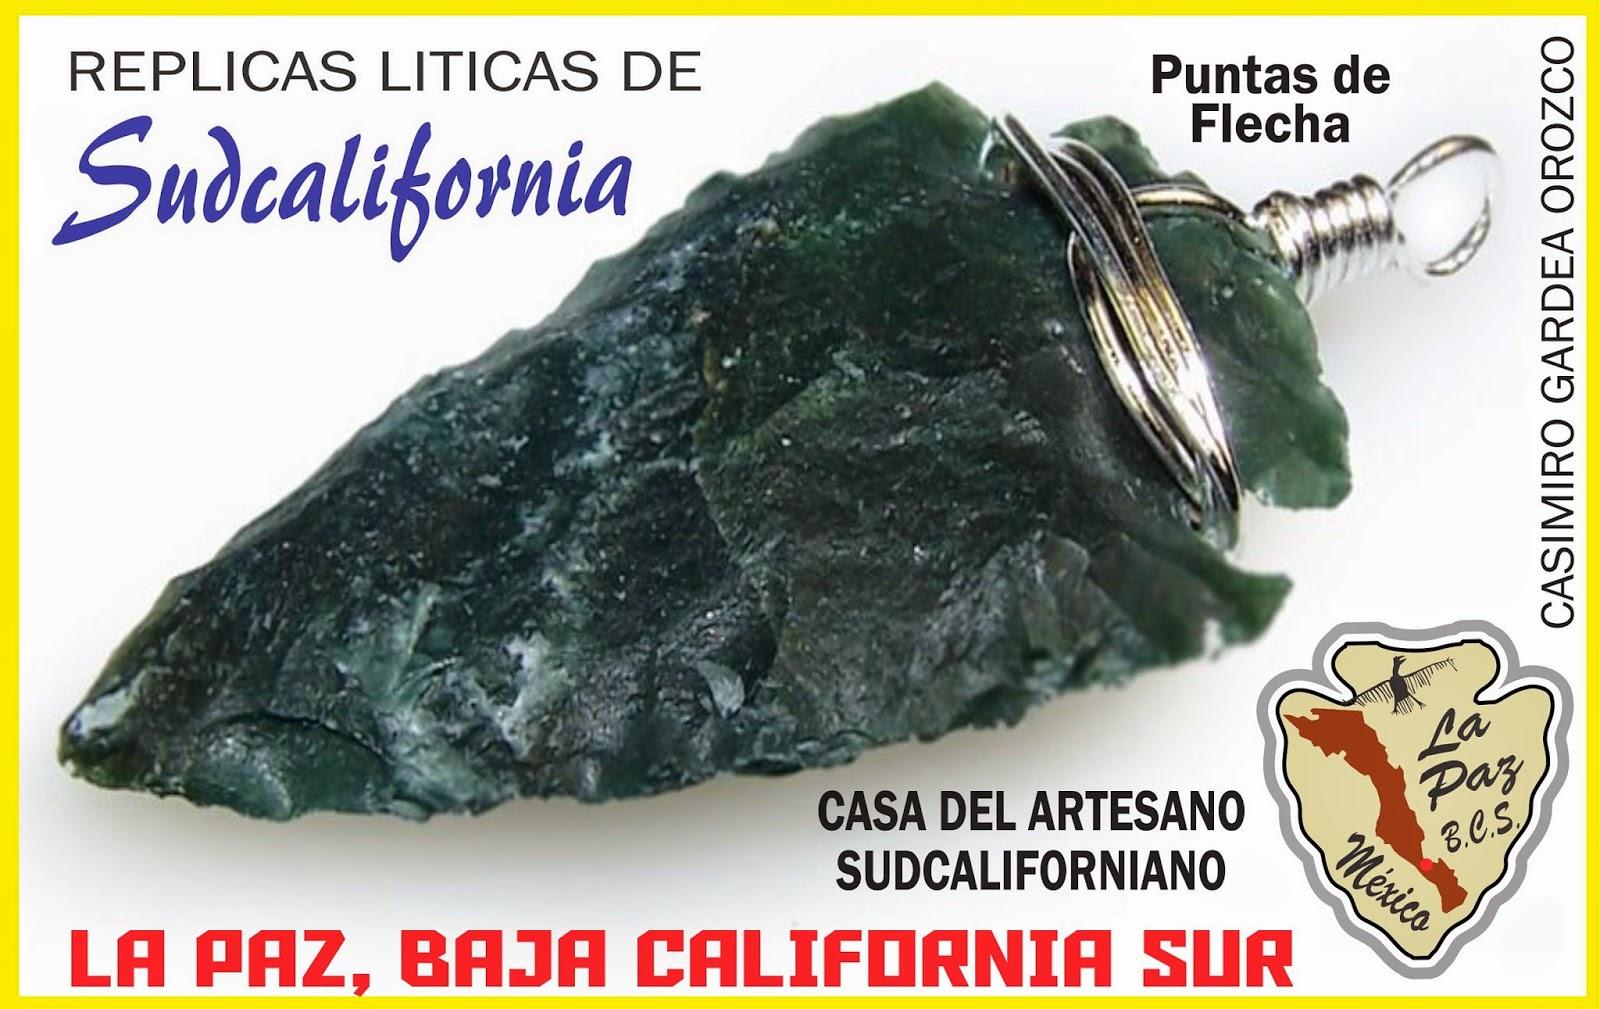 LA PAZ, BAJA CALIFORNIA SUR: el mechudo y la perla de la virgen ...